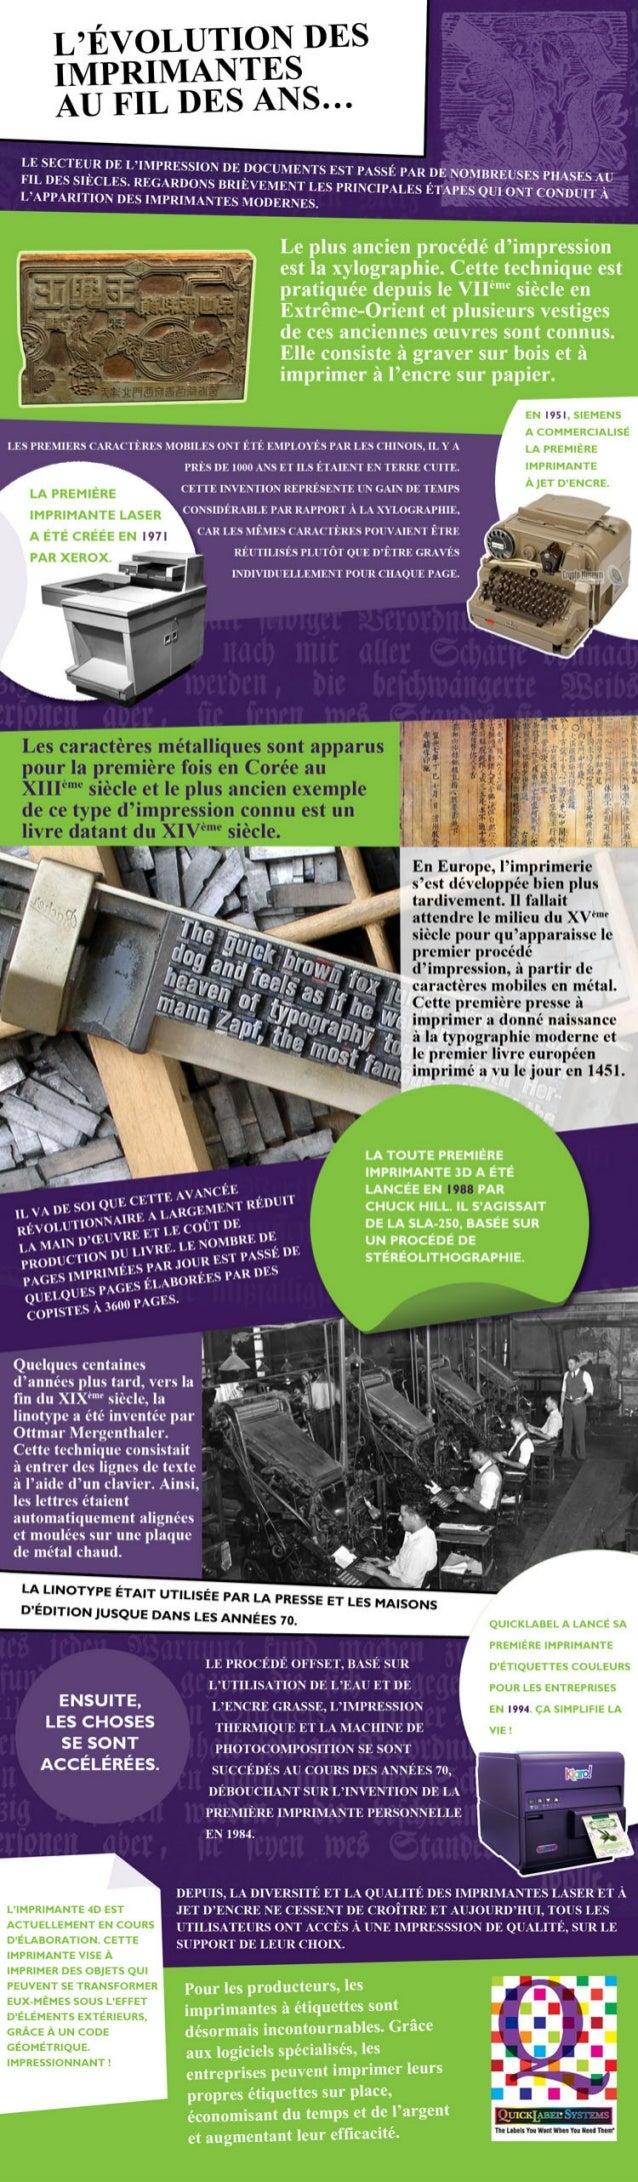 L-evolution des imprimantes au fil des ans